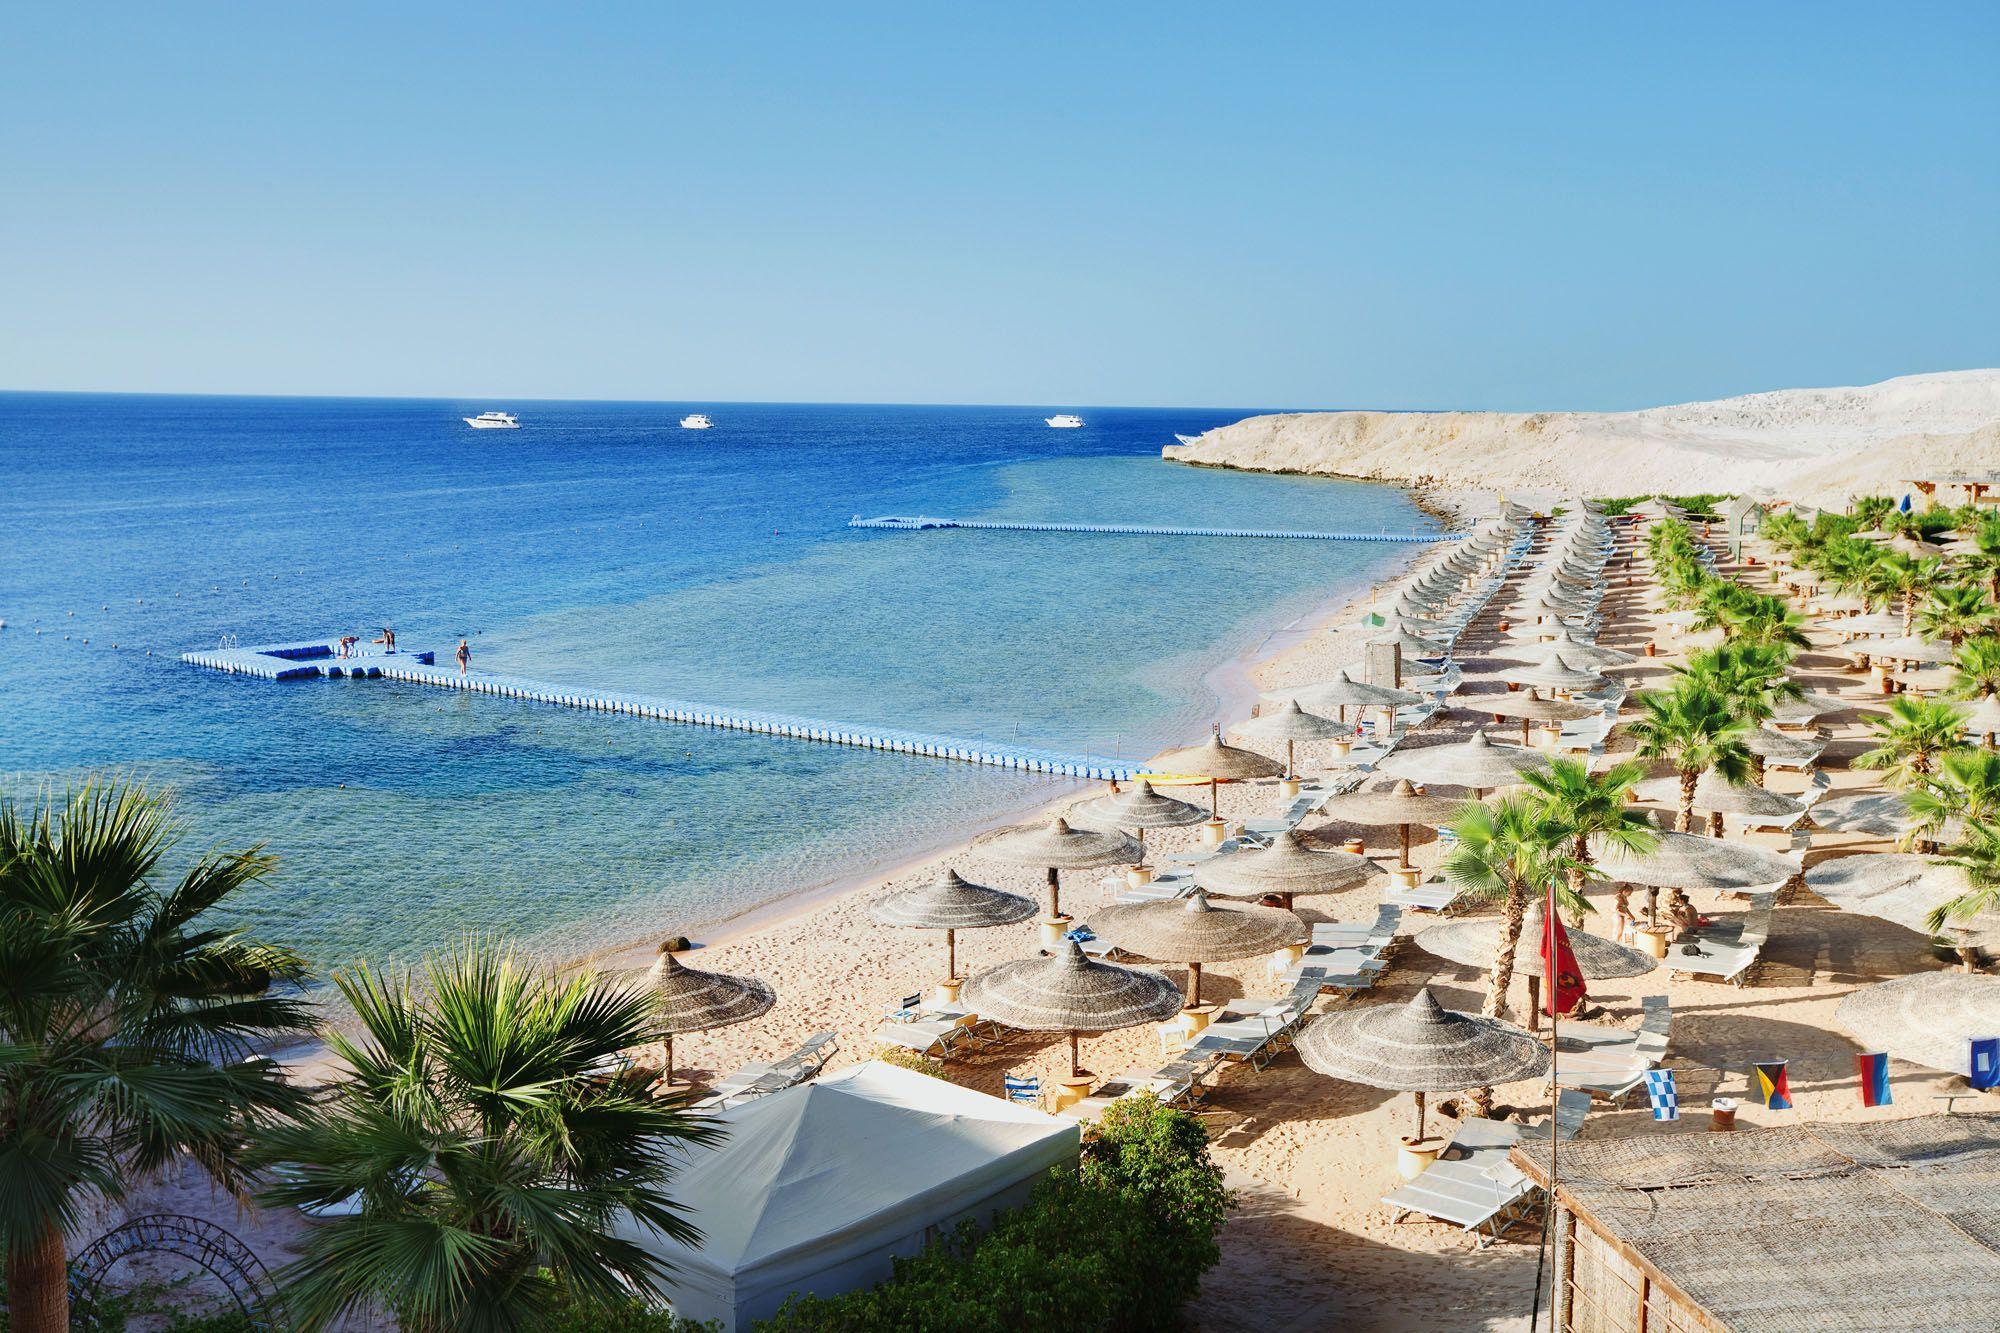 Viajes a Sharm El Sheikh